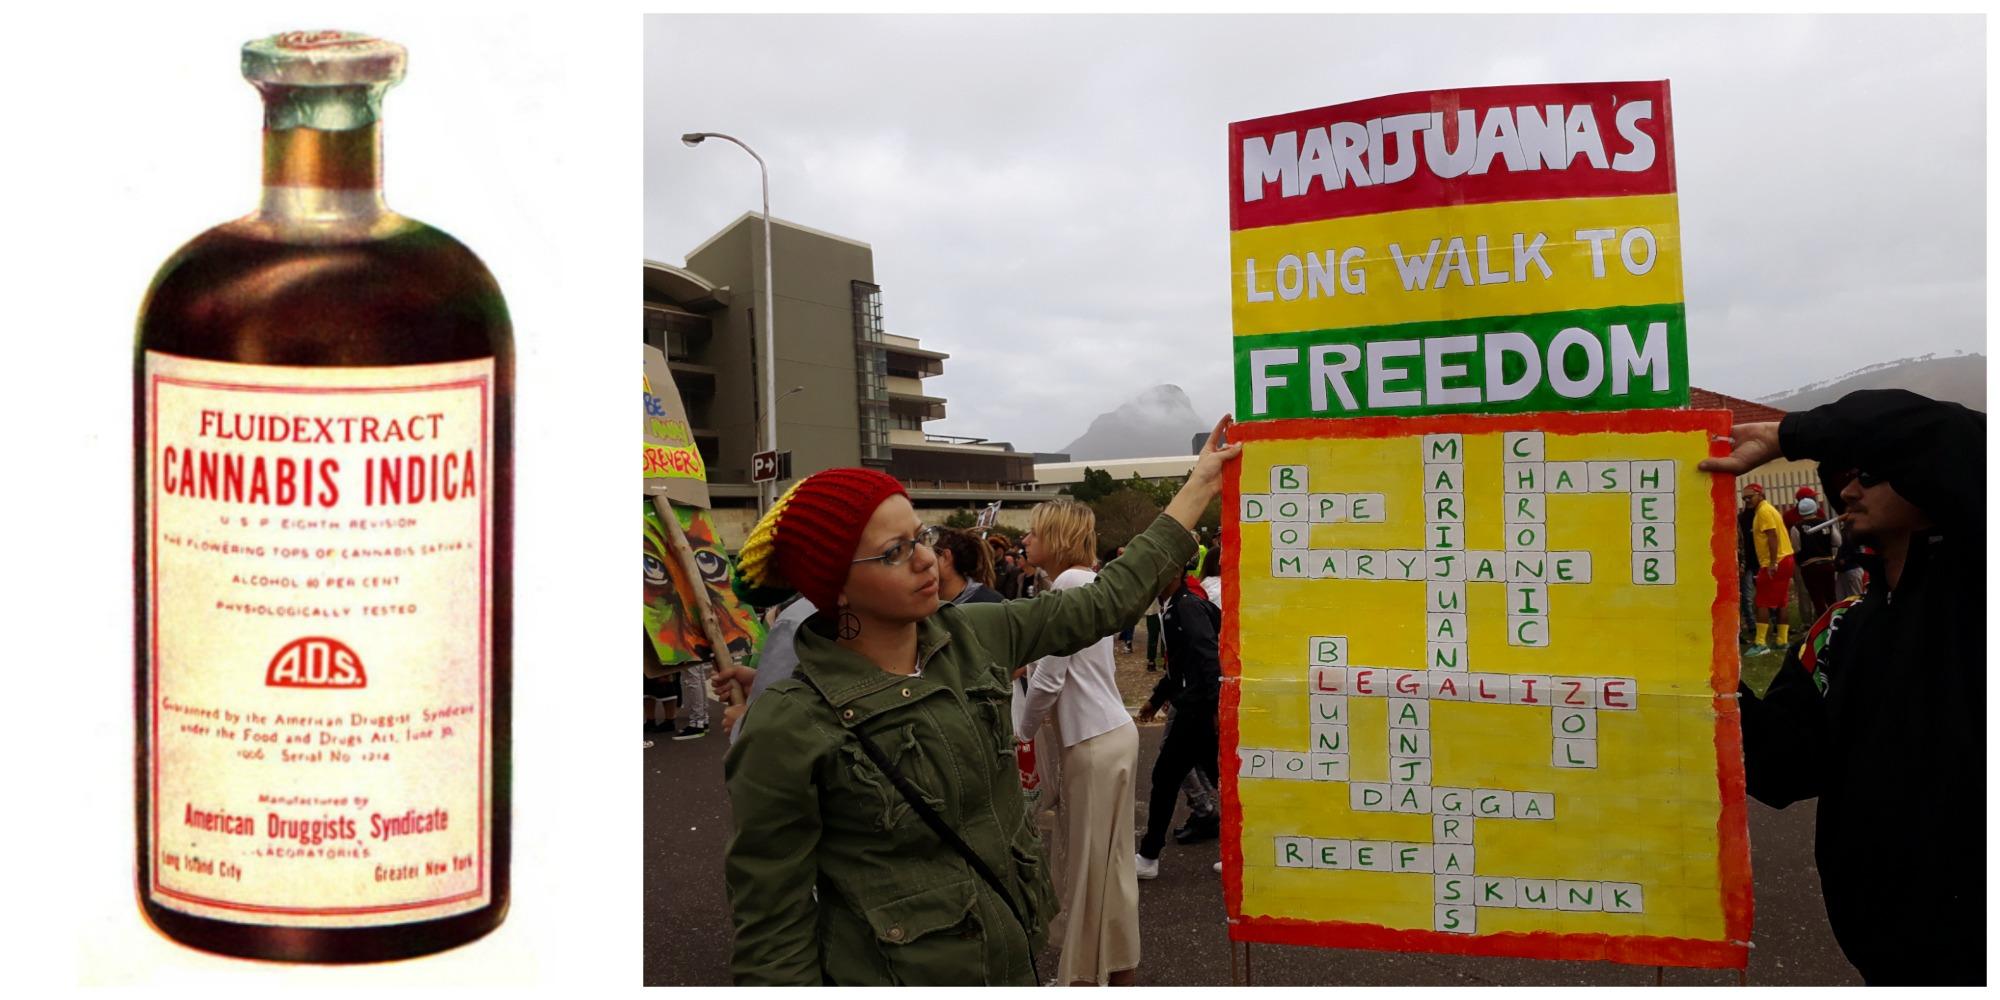 Po lewej płynny ekstrakt konopi indyjskich produkowany w USA przed 1937 r. Po prawej demonstracja aktywistów domagających się legalizacji marihuany w Cape Town, w Południowej Afryce (fot. Wikimedia.org / Domena publiczna / AWildAppeared / Wikimedia.org / CC0)